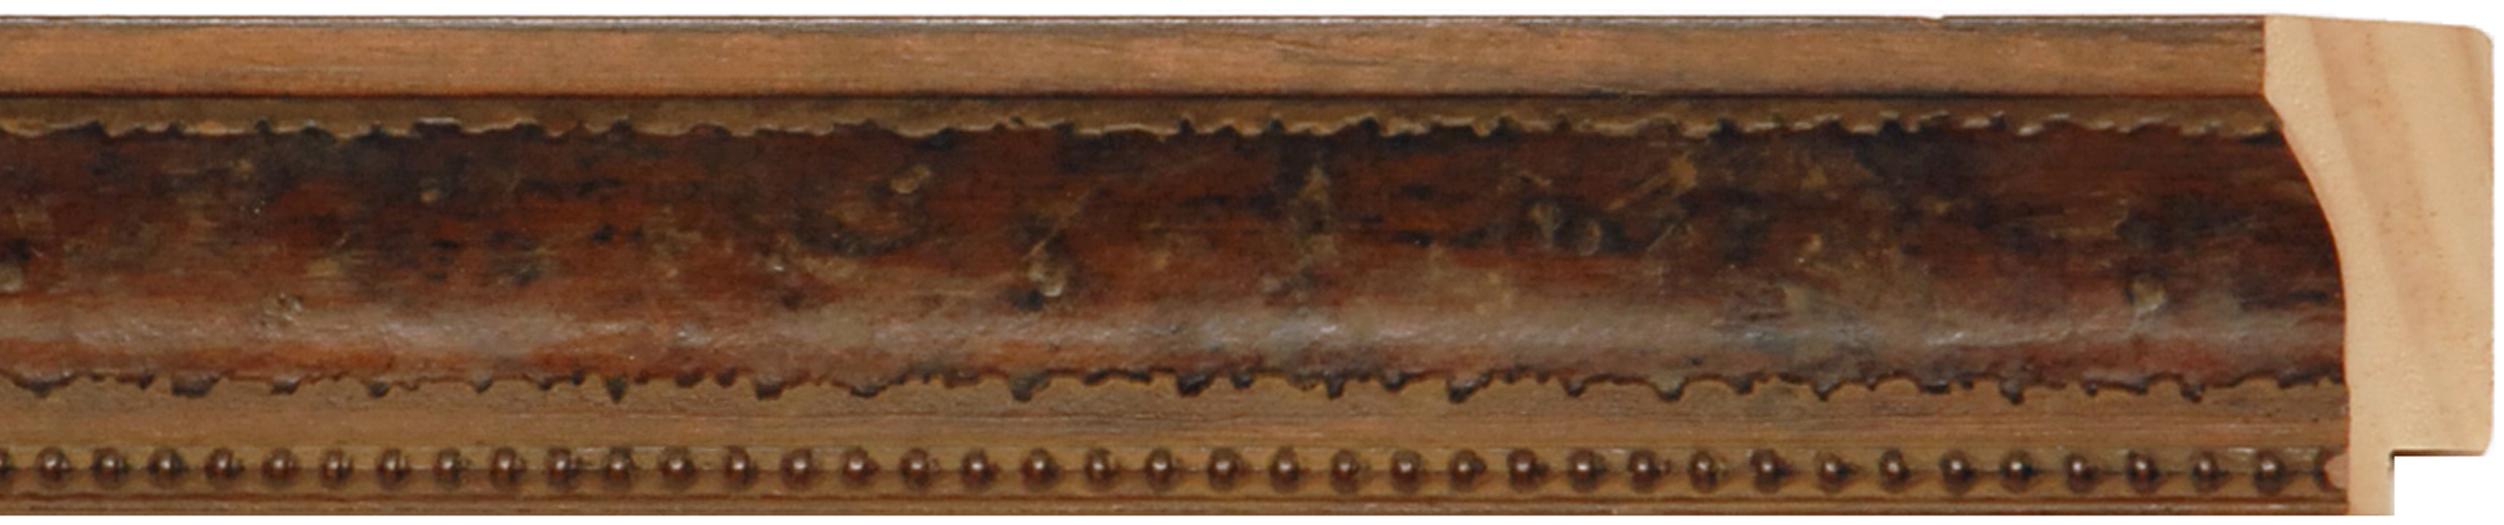 Moulding > Wood Moulding | International Moulding-Florence, KY